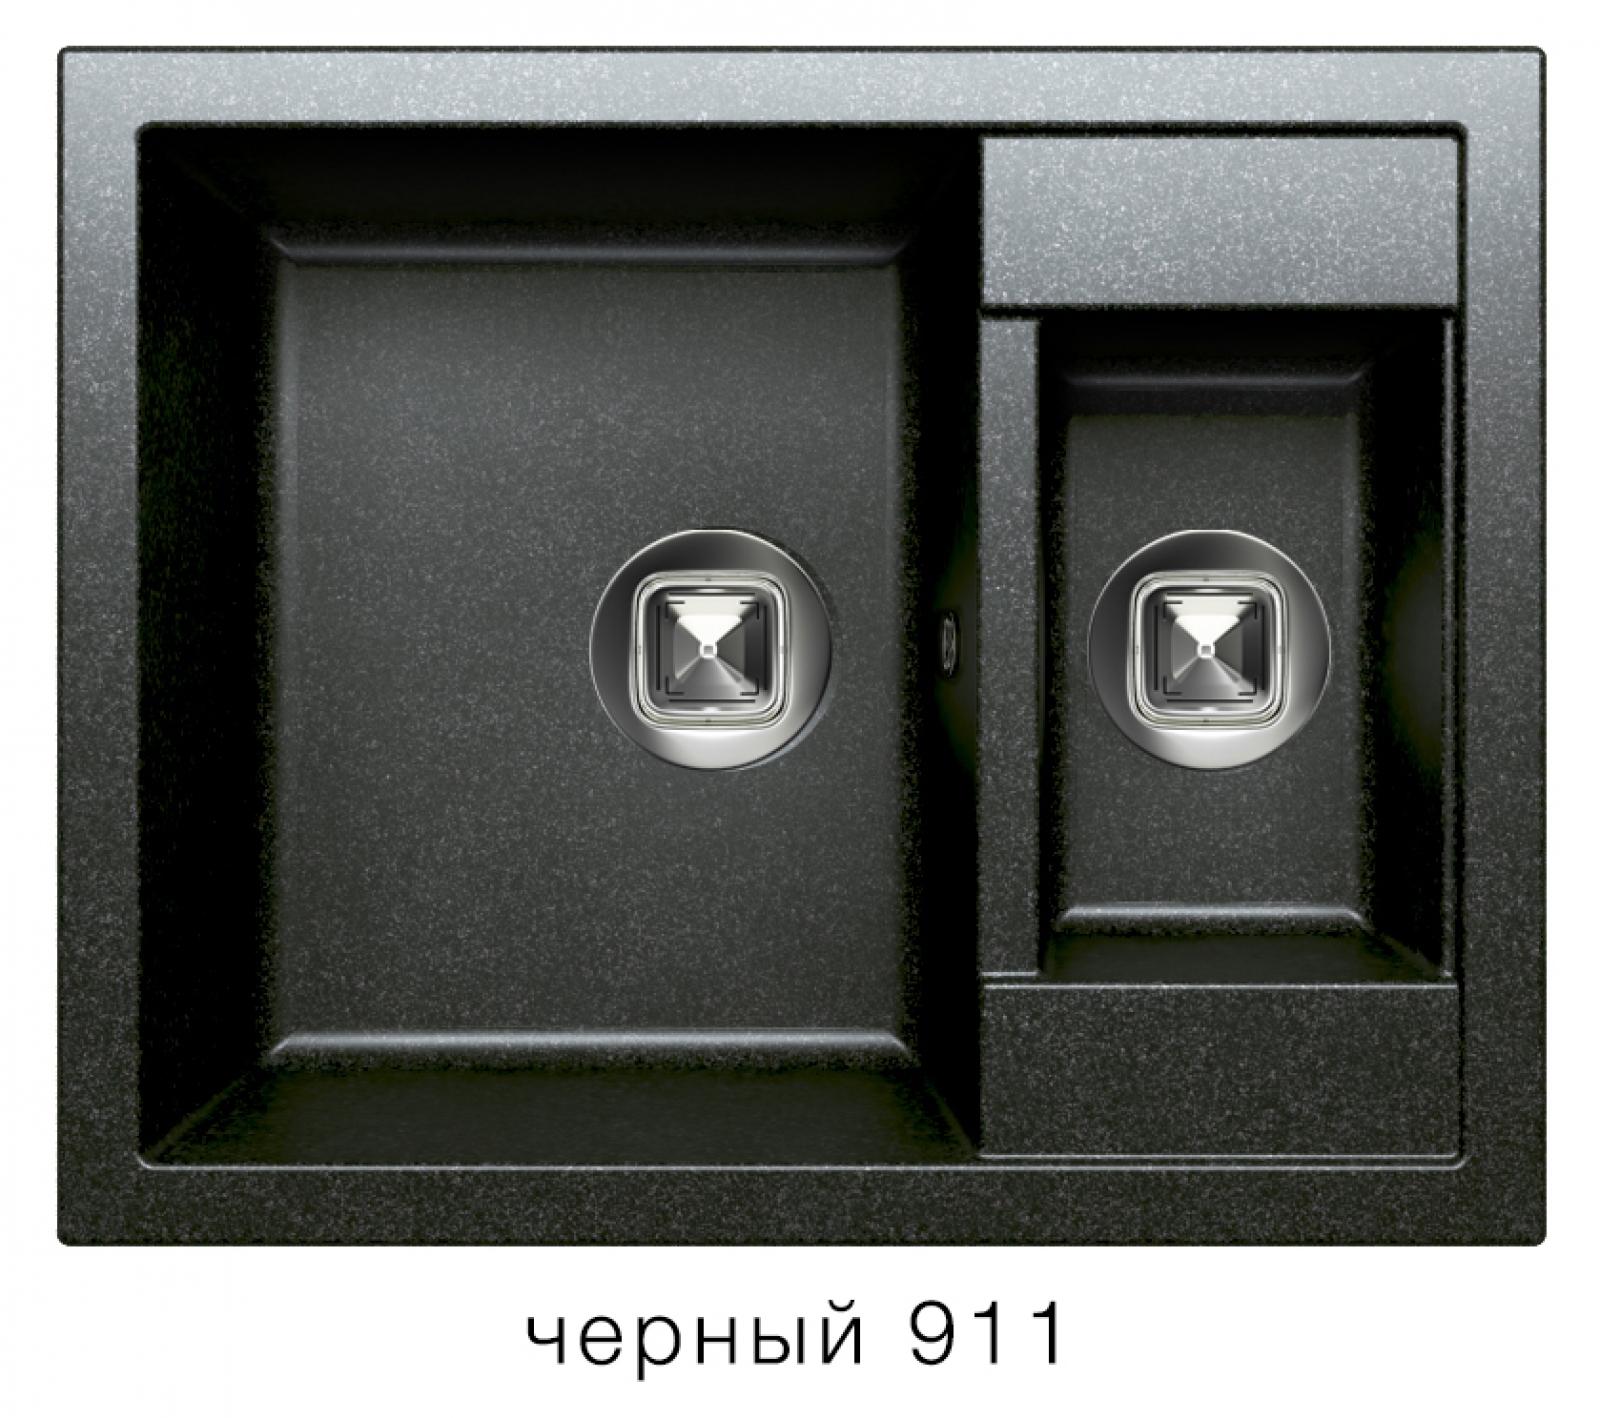 Мойка Tolero-R-109-911, цвет - Черный